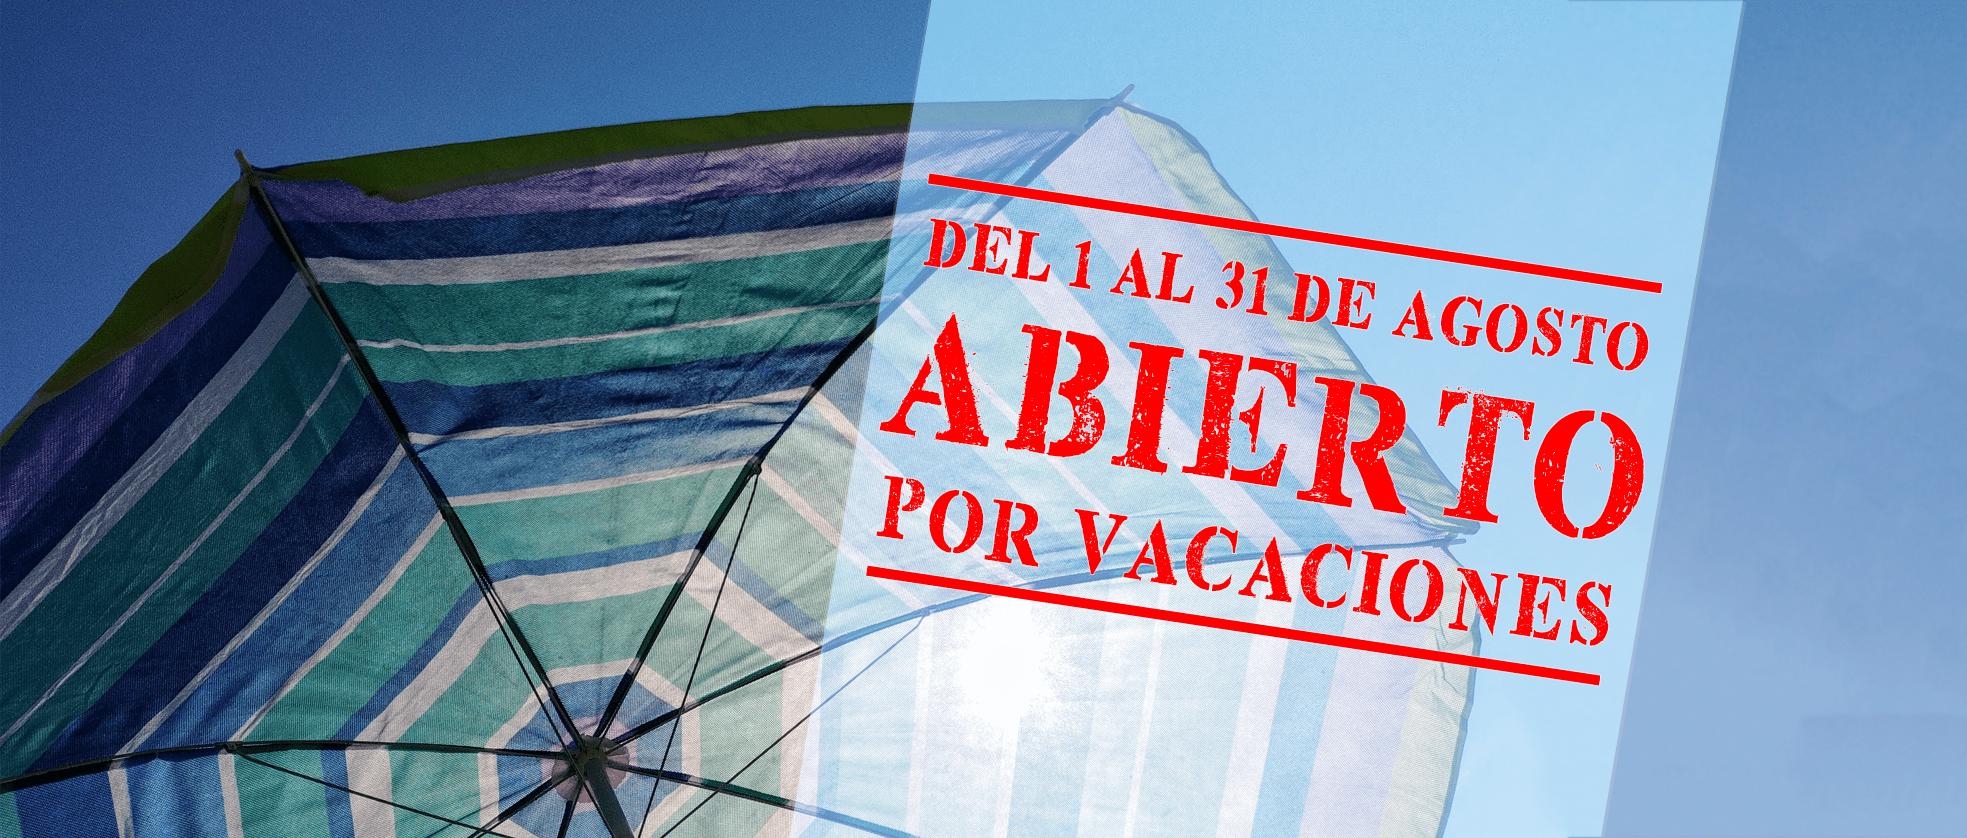 Agosto abierto por vacaciones